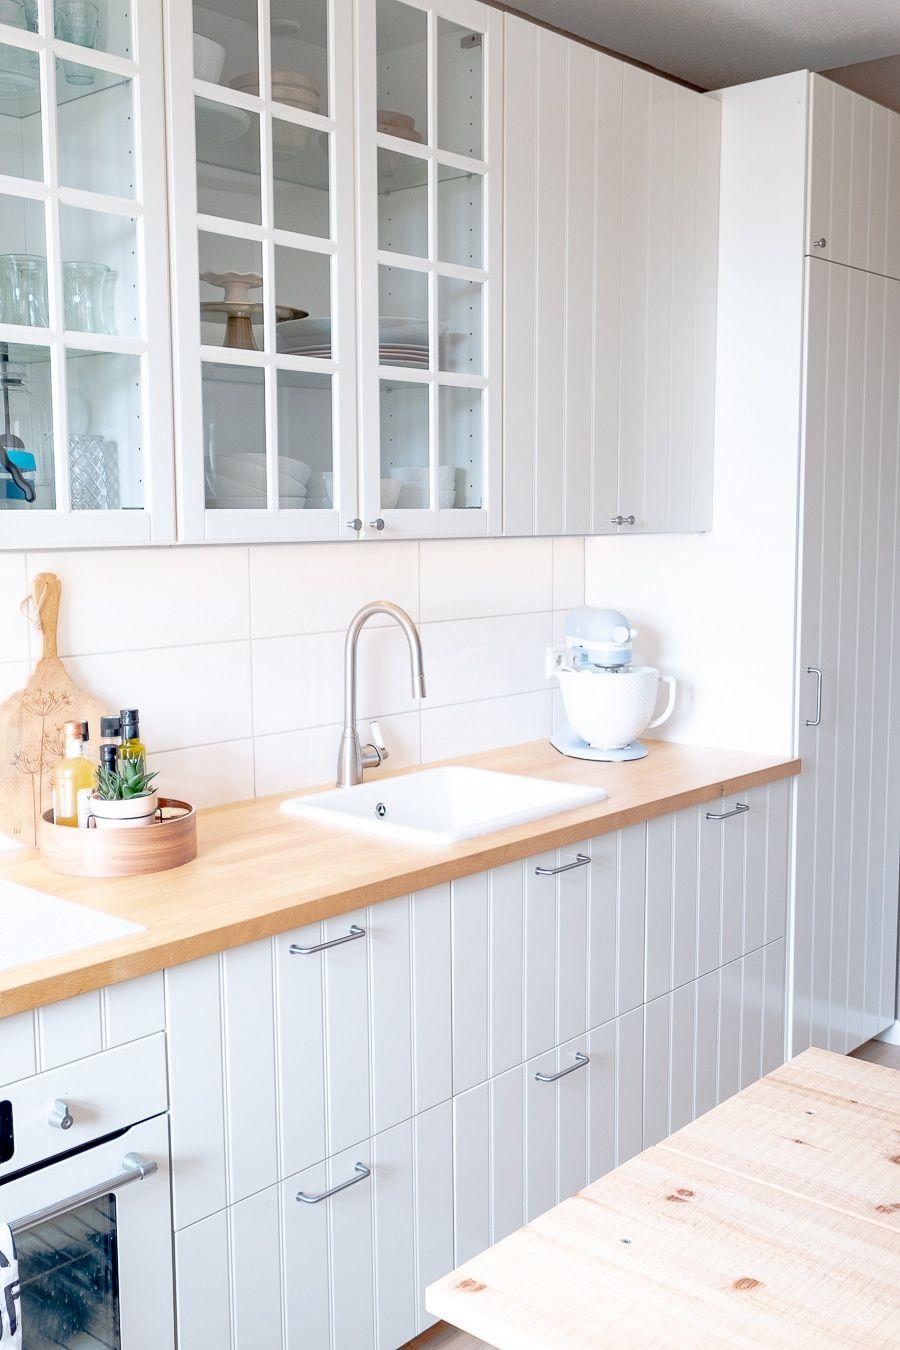 Full Size of Landhausküche Ikea Dekosamstag Wie Optimiere Ich Eine Landhauskche Und Ein Grau Sofa Mit Schlaffunktion Weiß Miniküche Weisse Gebraucht Küche Kosten Wohnzimmer Landhausküche Ikea